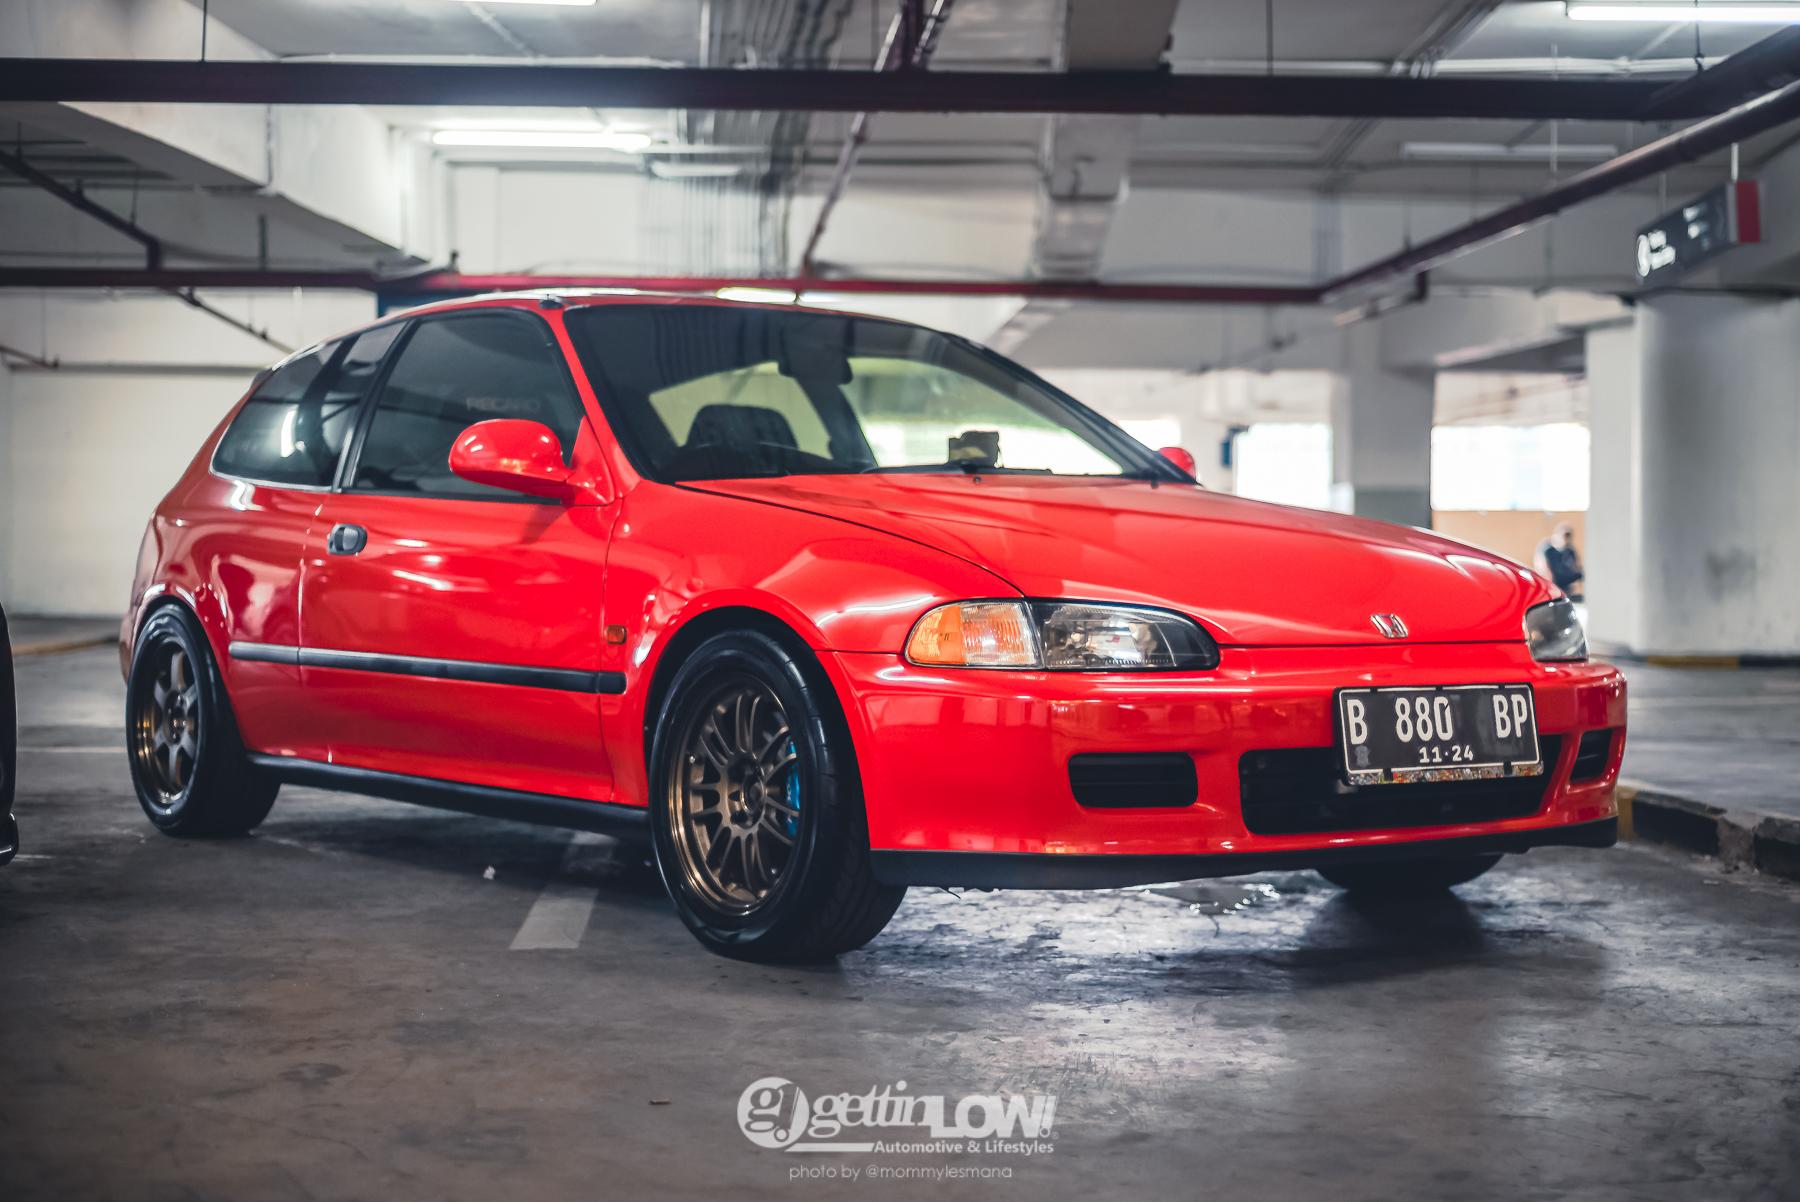 1992 Honda Civic Estilo B18C Type R